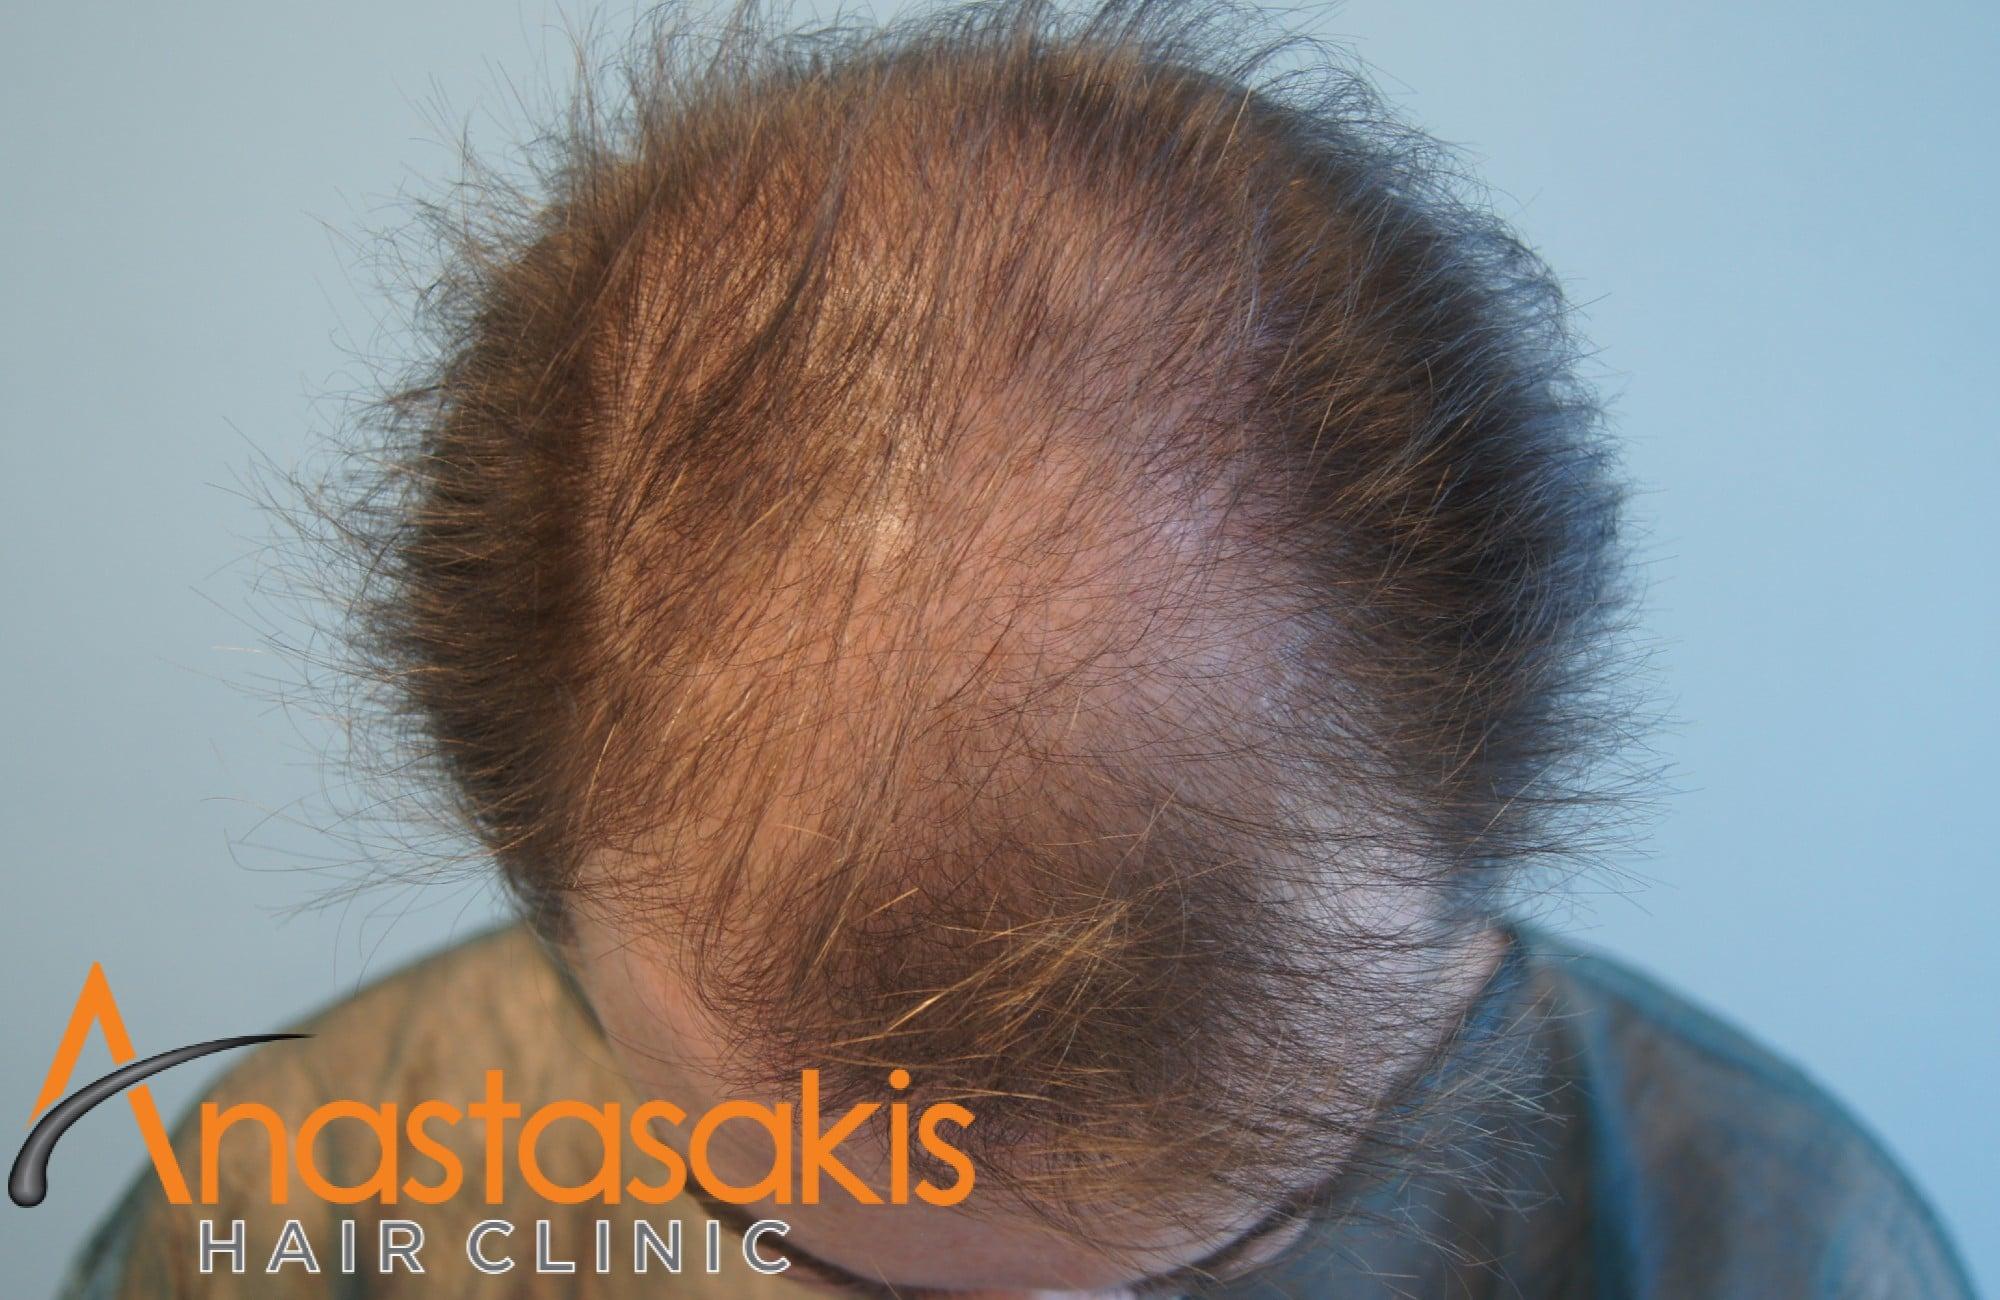 ασθενής πριν τη μεταμόσχευση μαλλιών με fut 3500 fus προσθια περιοχη